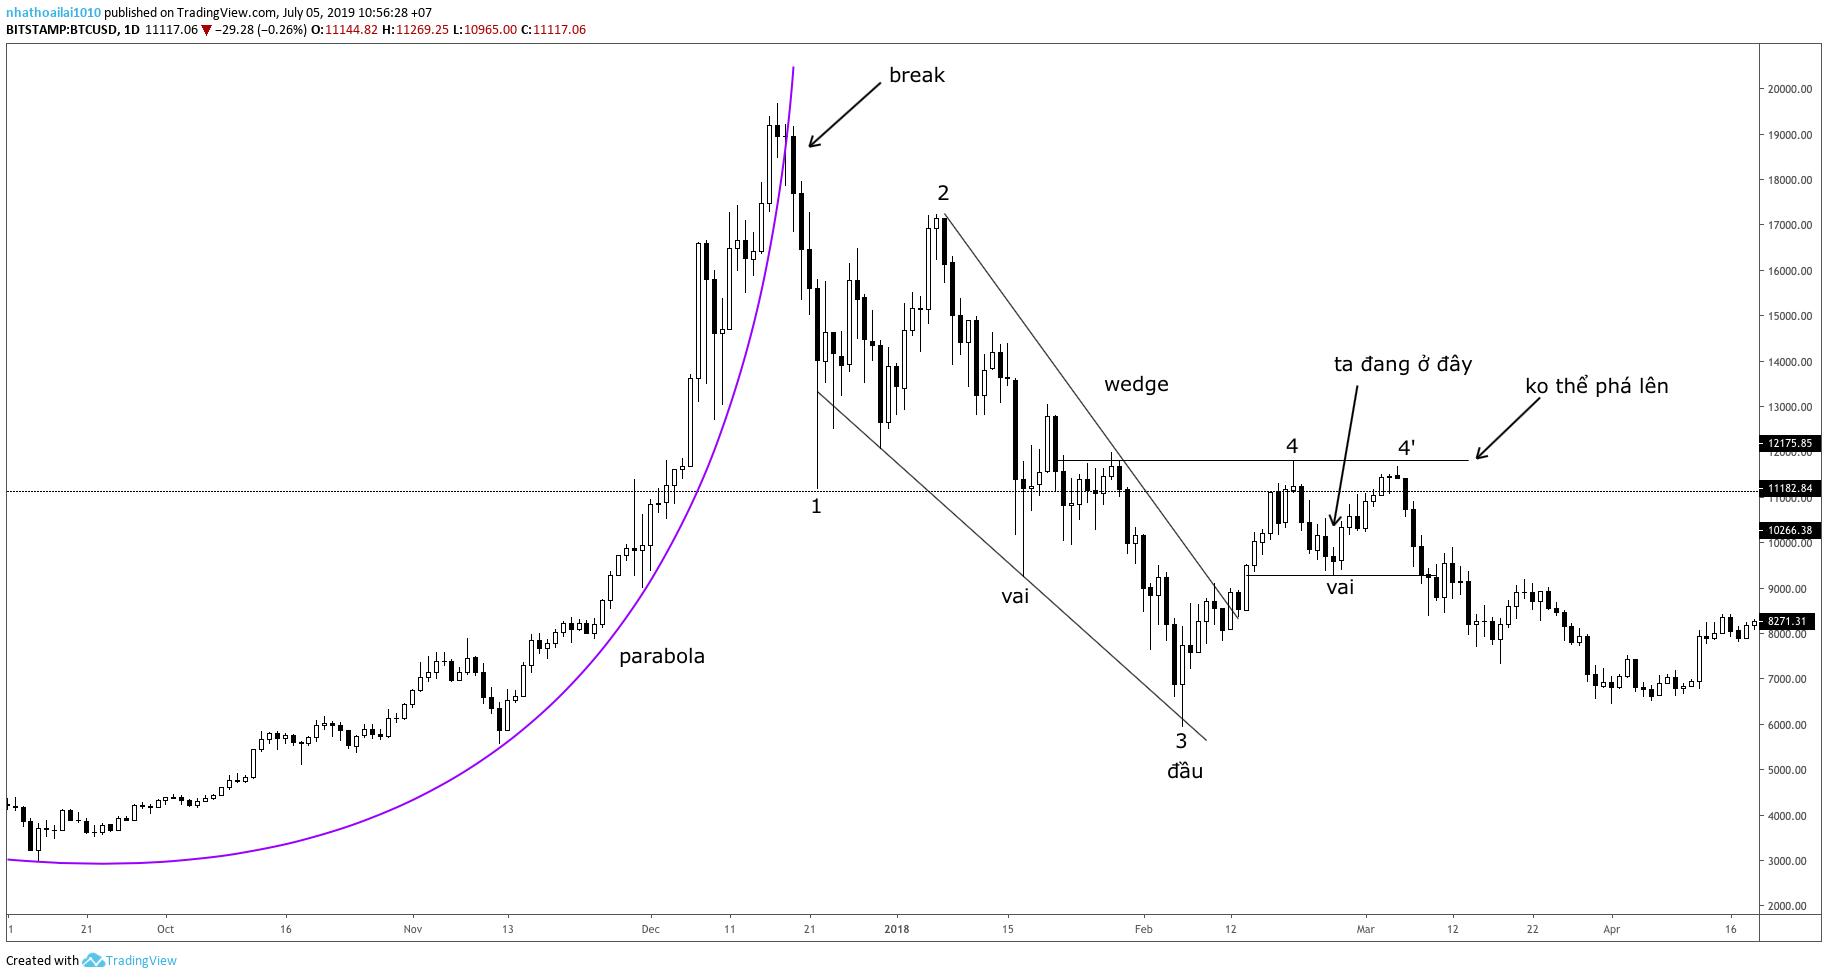 Có một sự trùng hợp không hề nhẹ giữa 2 biểu đồ này của Bitcoin!